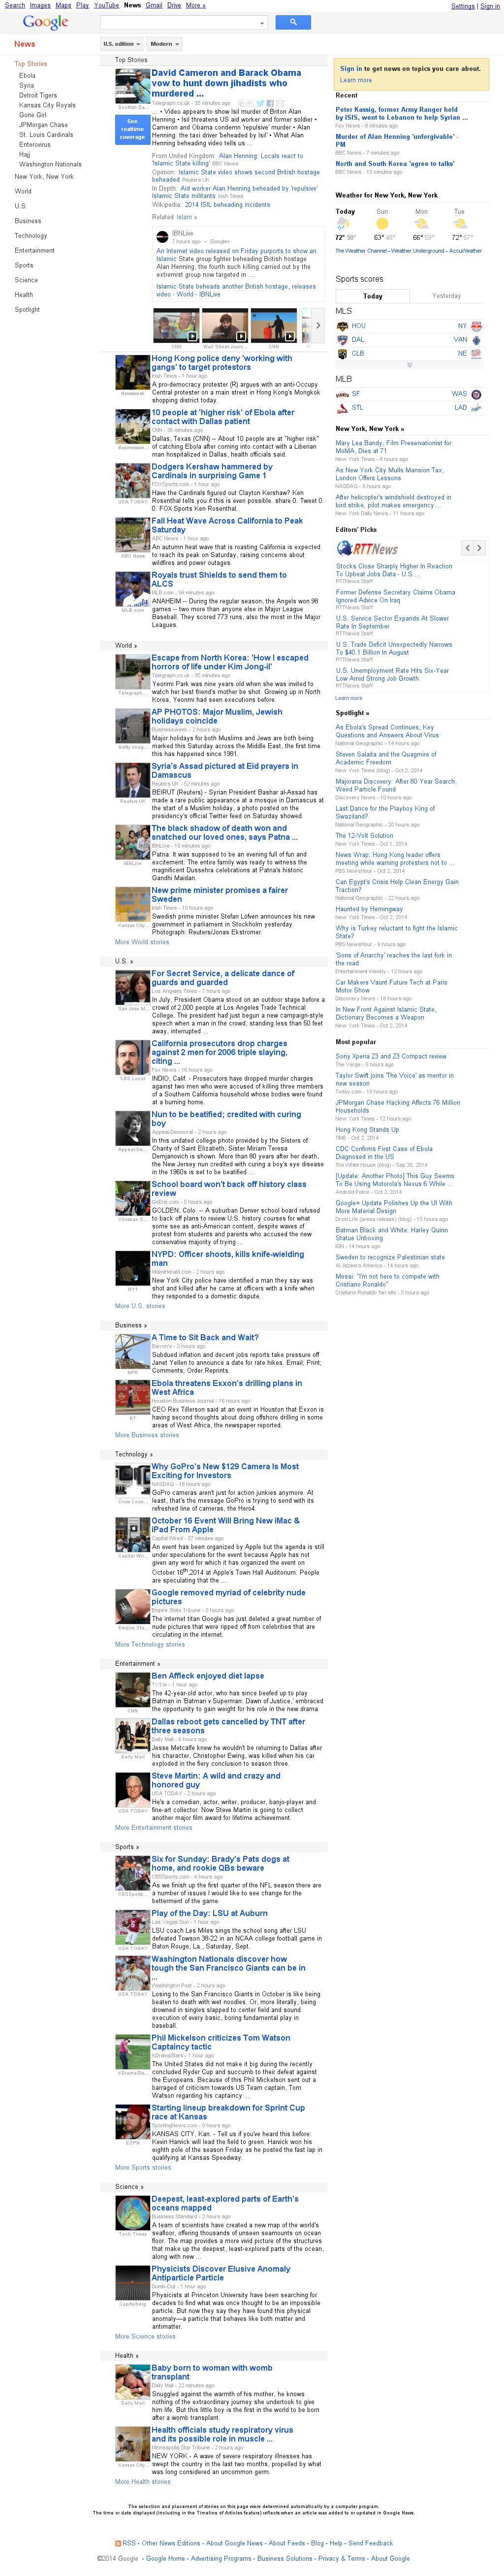 Google News at Saturday Oct. 4, 2014, 10:06 a.m. UTC